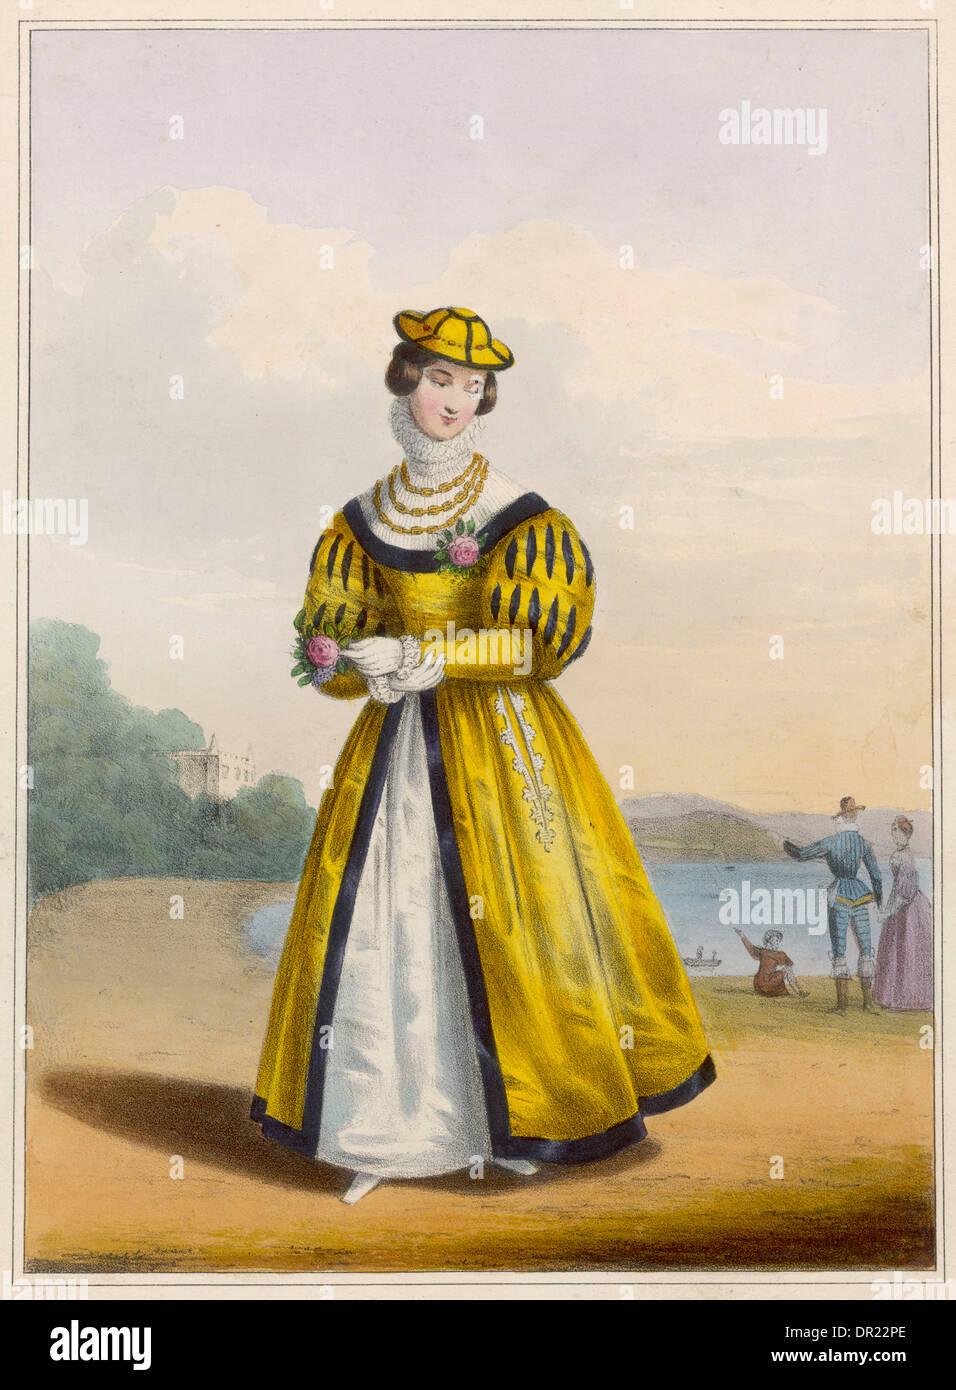 ELIZABETHAN COSTUME - Stock Image